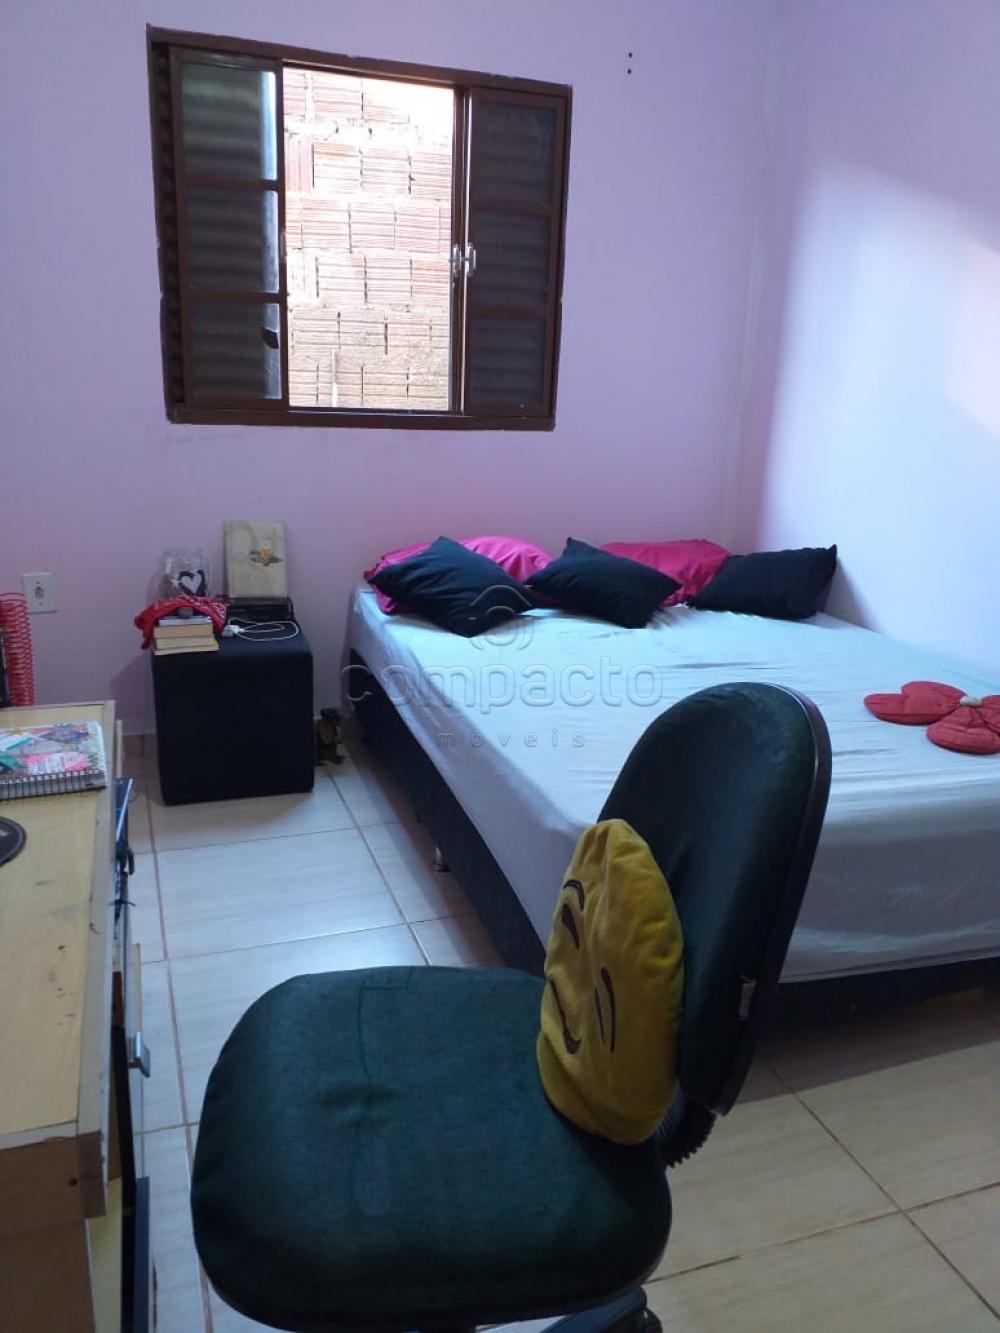 Comprar Casa / Padrão em São José do Rio Preto apenas R$ 185.000,00 - Foto 11